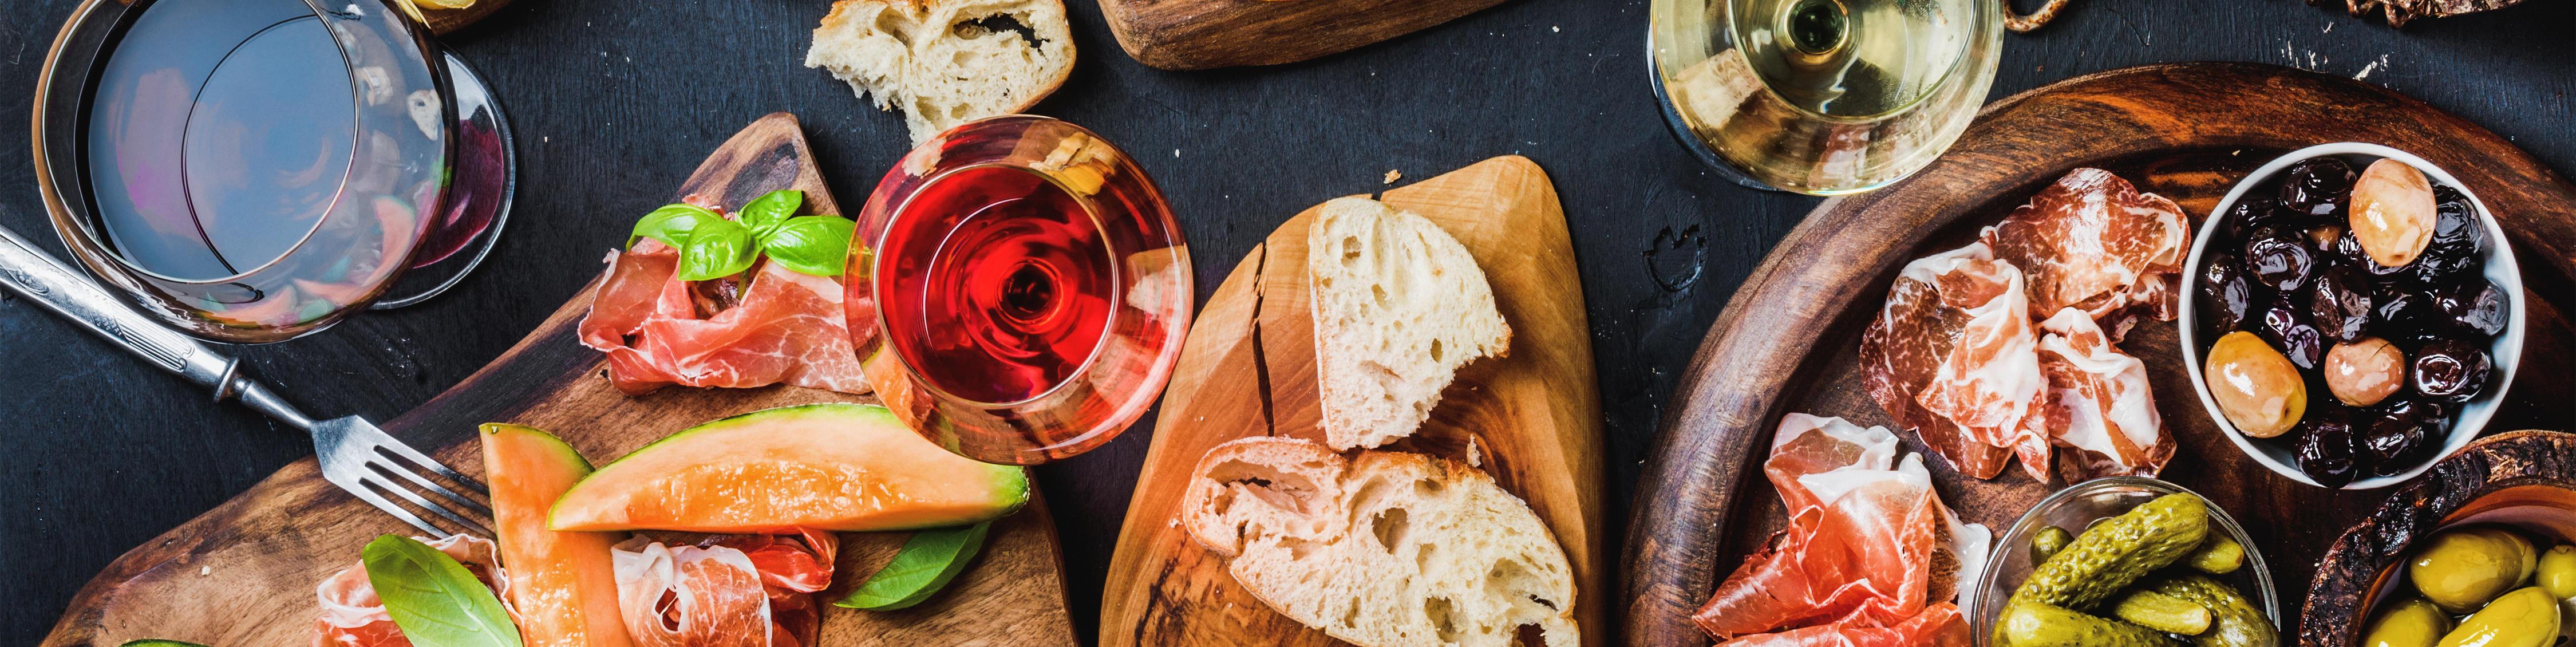 Allergie,Unverträglichkeiten,Obst, Gemüse,Brot,Wein